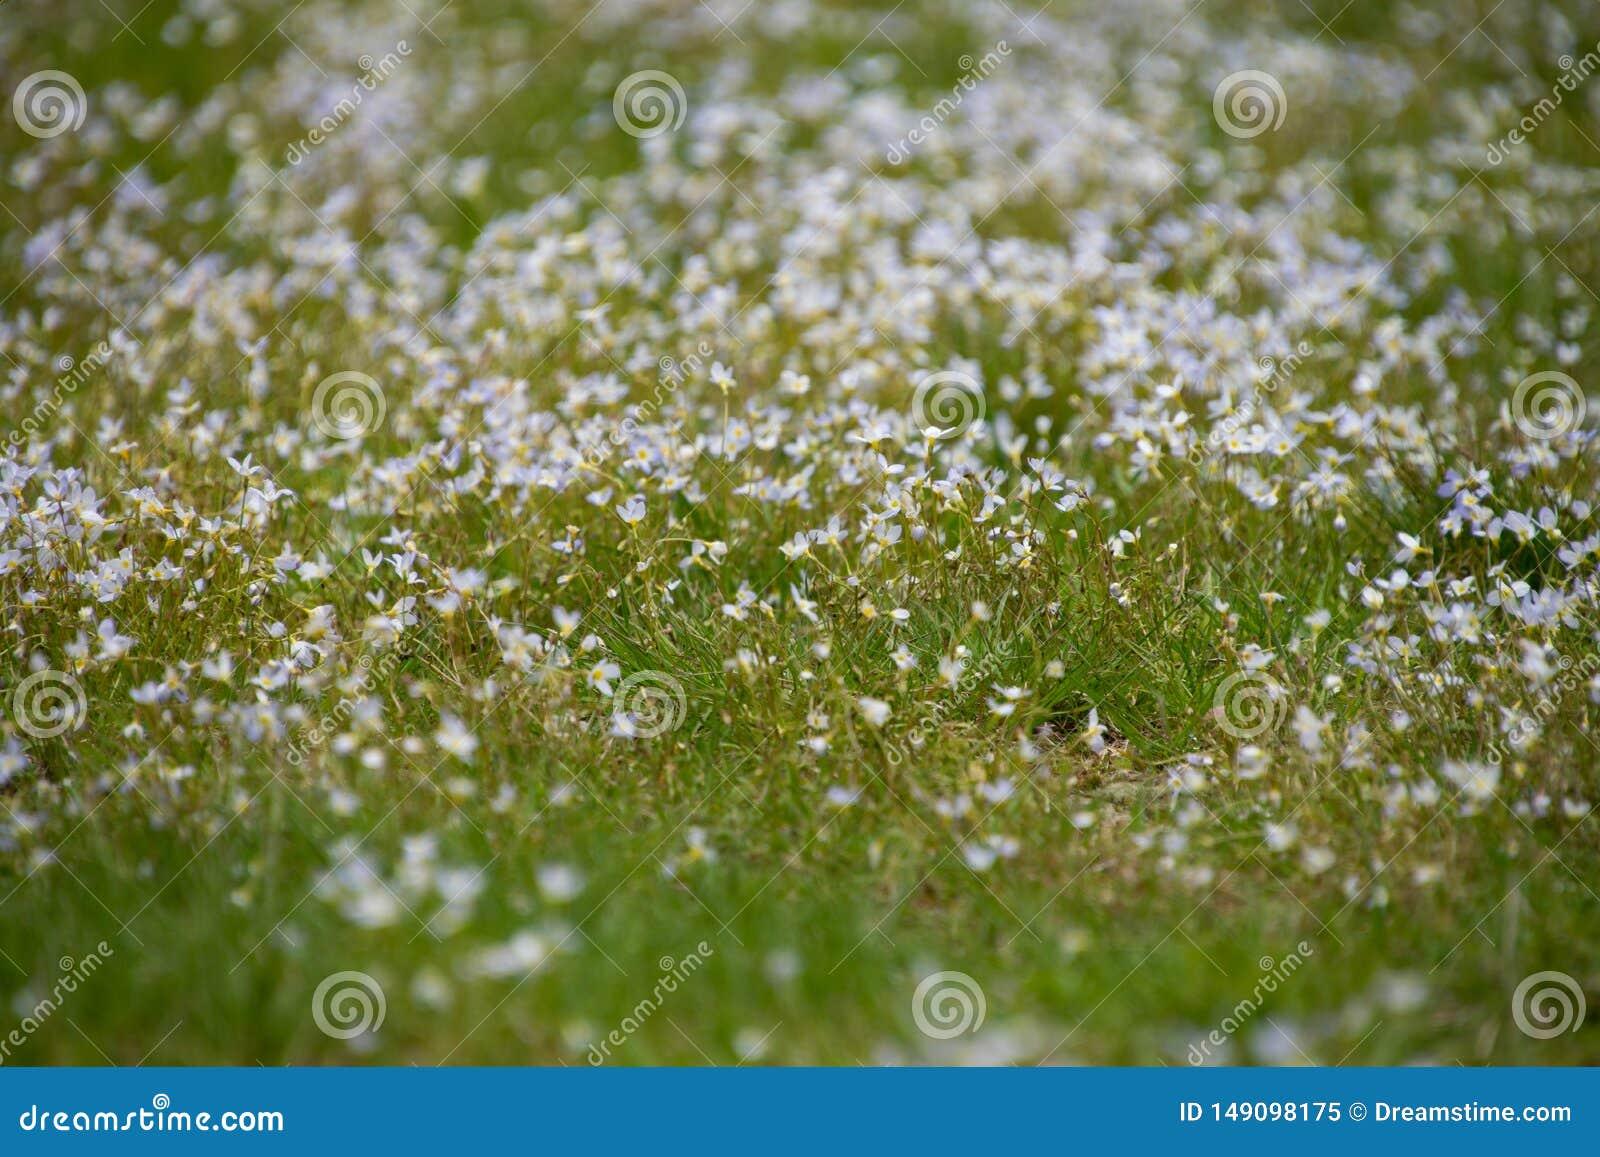 Zamazany wizerunek mali biali kwiaty w?r?d trawy